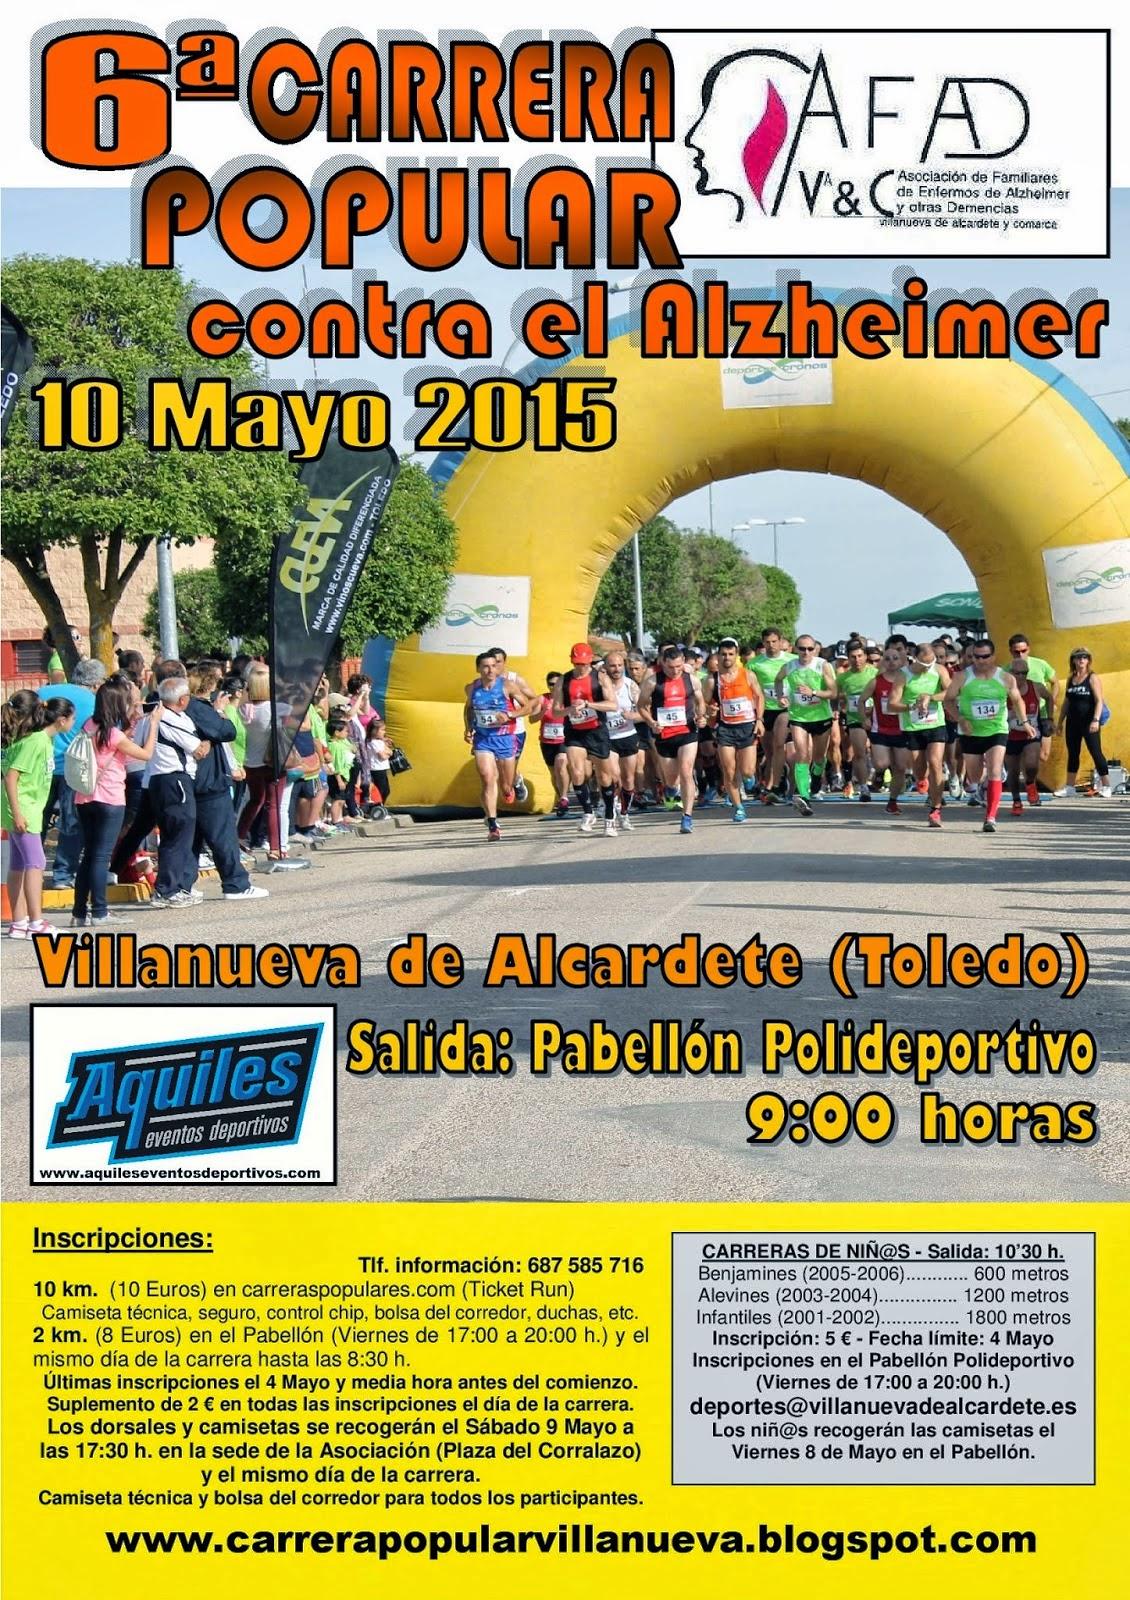 6ª Carrera Popular contra el Alzeheimer de Villanueva de Alcardete